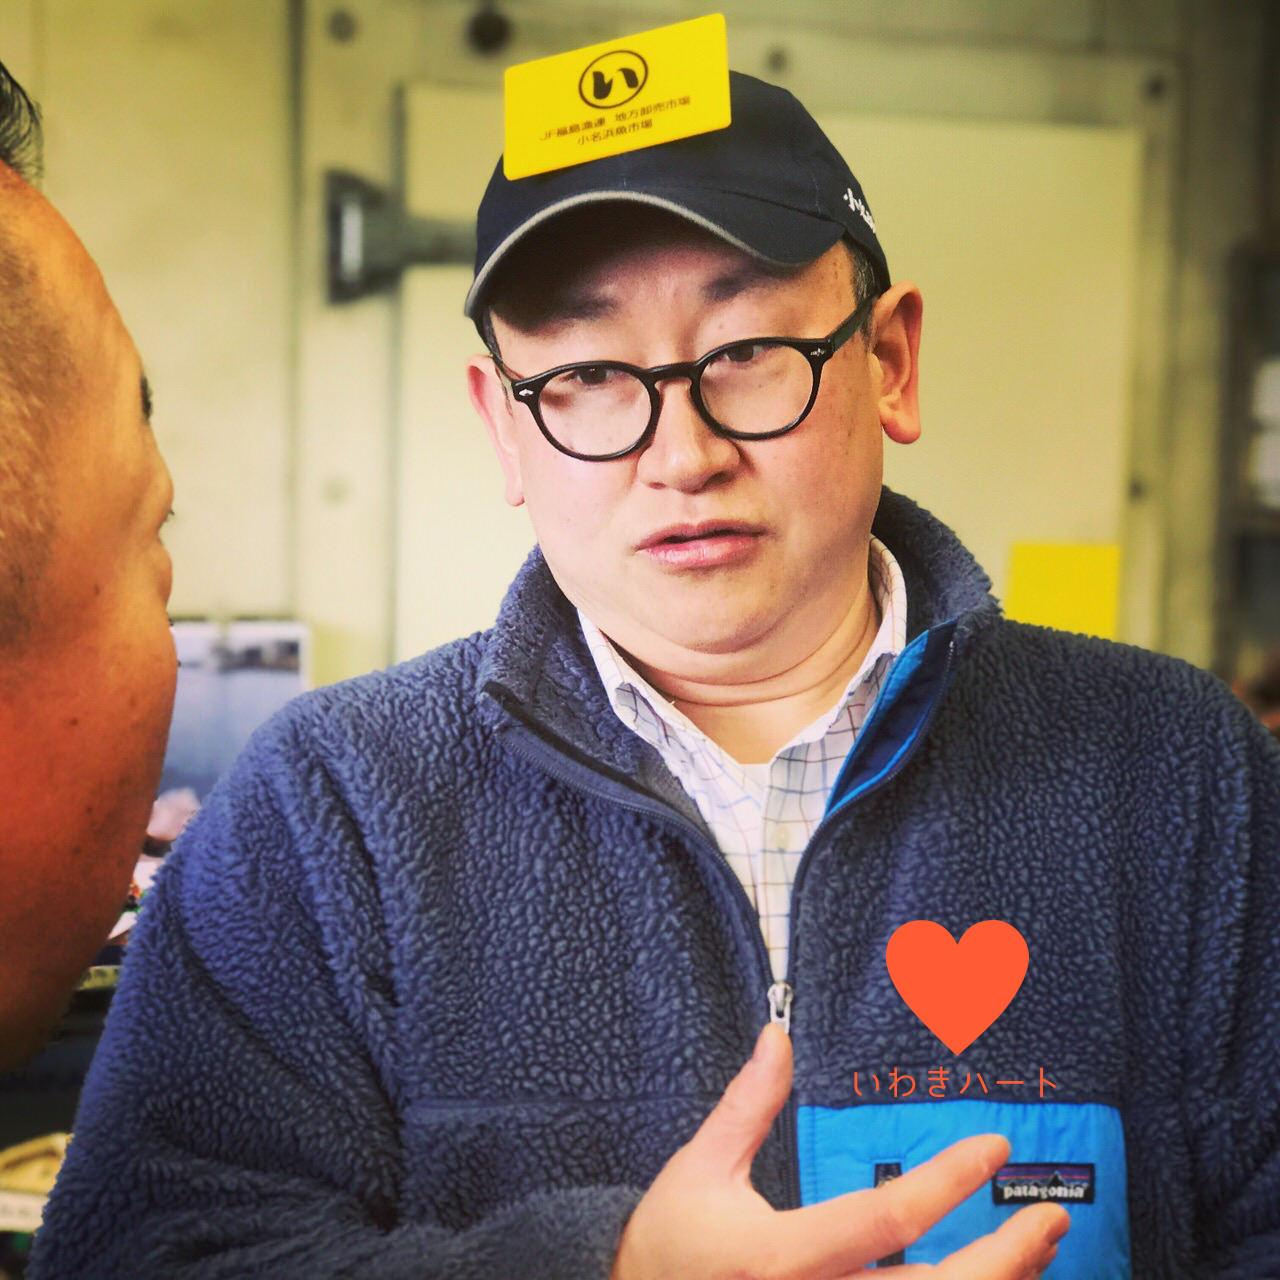 「福島県いわき市の生産者と料理人を繋ぐプレスツアー」参加レポート